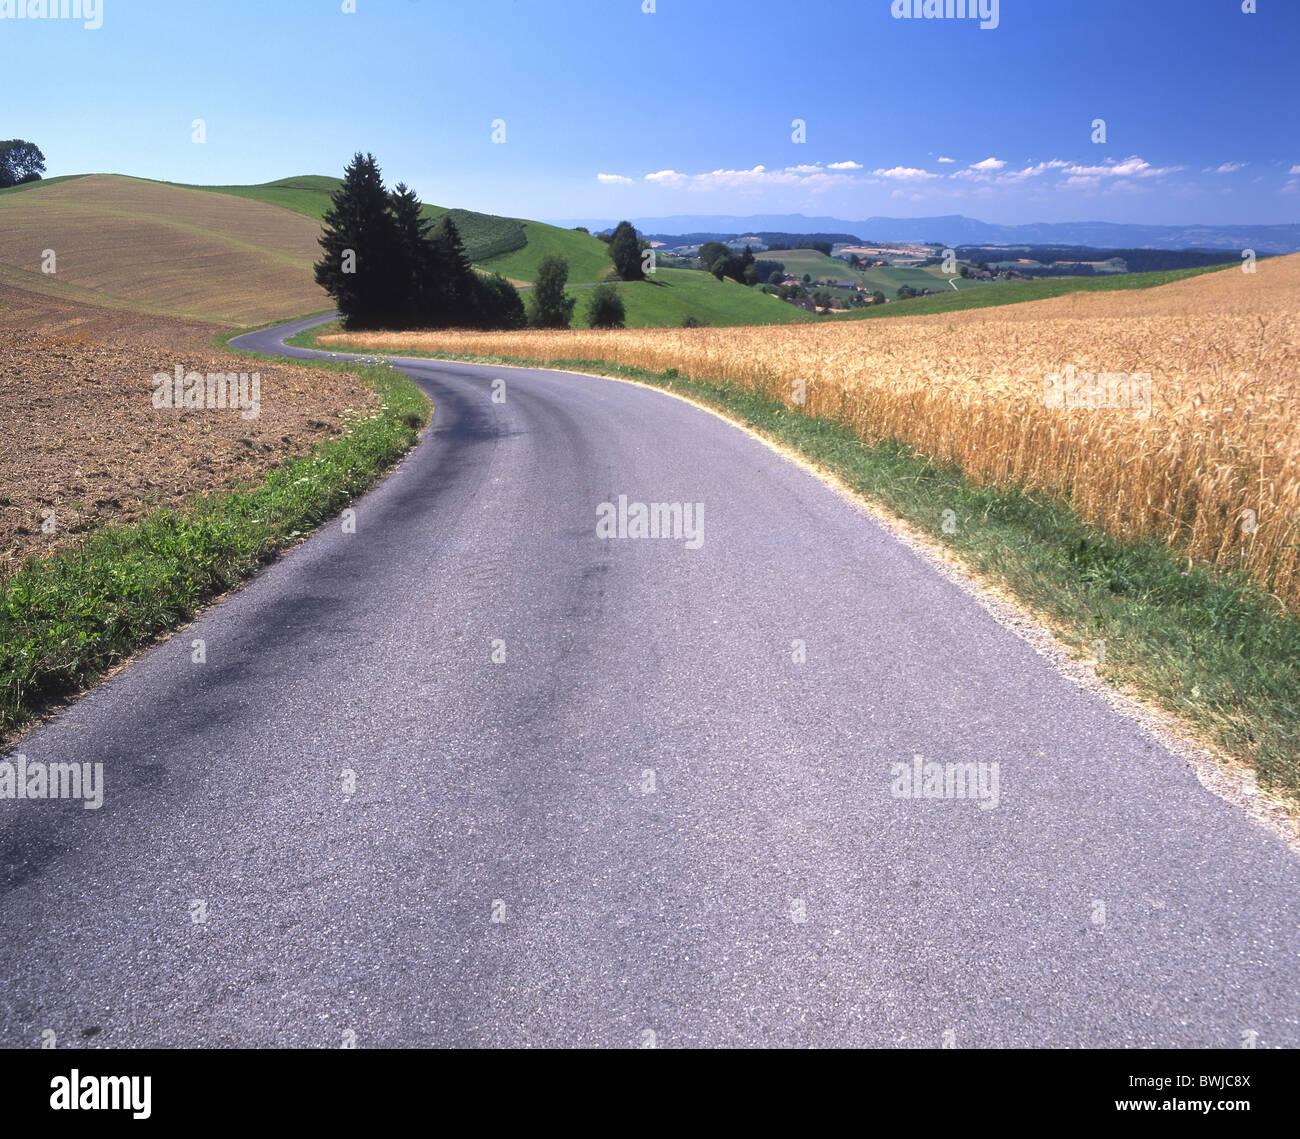 Route de campagne rue collines champs paysage paysage de l'emmental dans le canton de Berne Suisse Europe Photo Stock